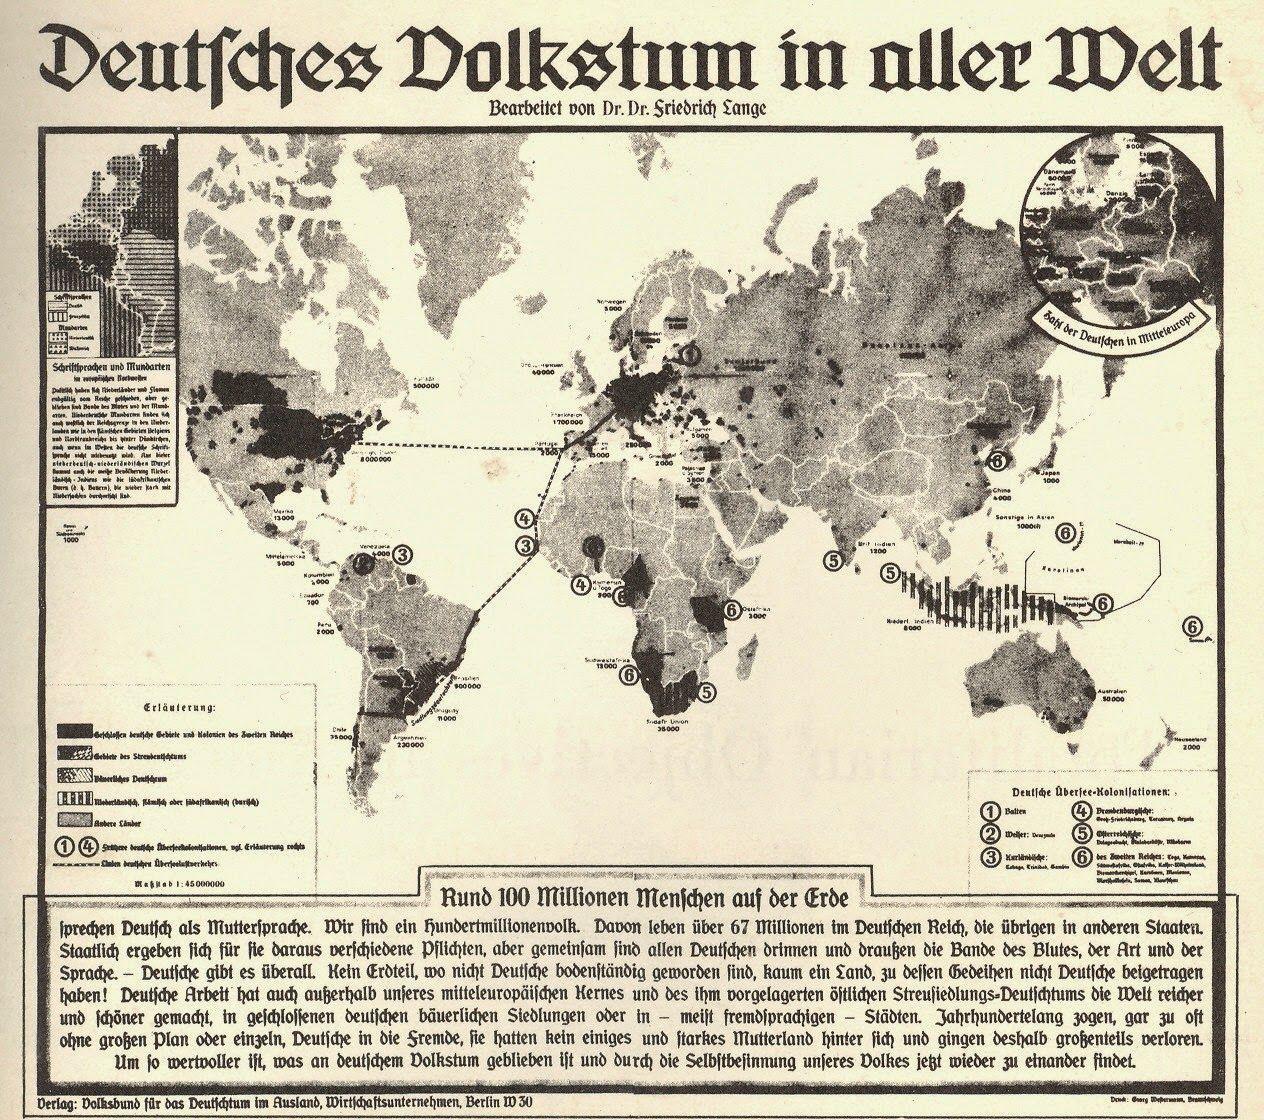 Deutschland Historische Karte 1938 Warum Man Ausgerechnet 1938